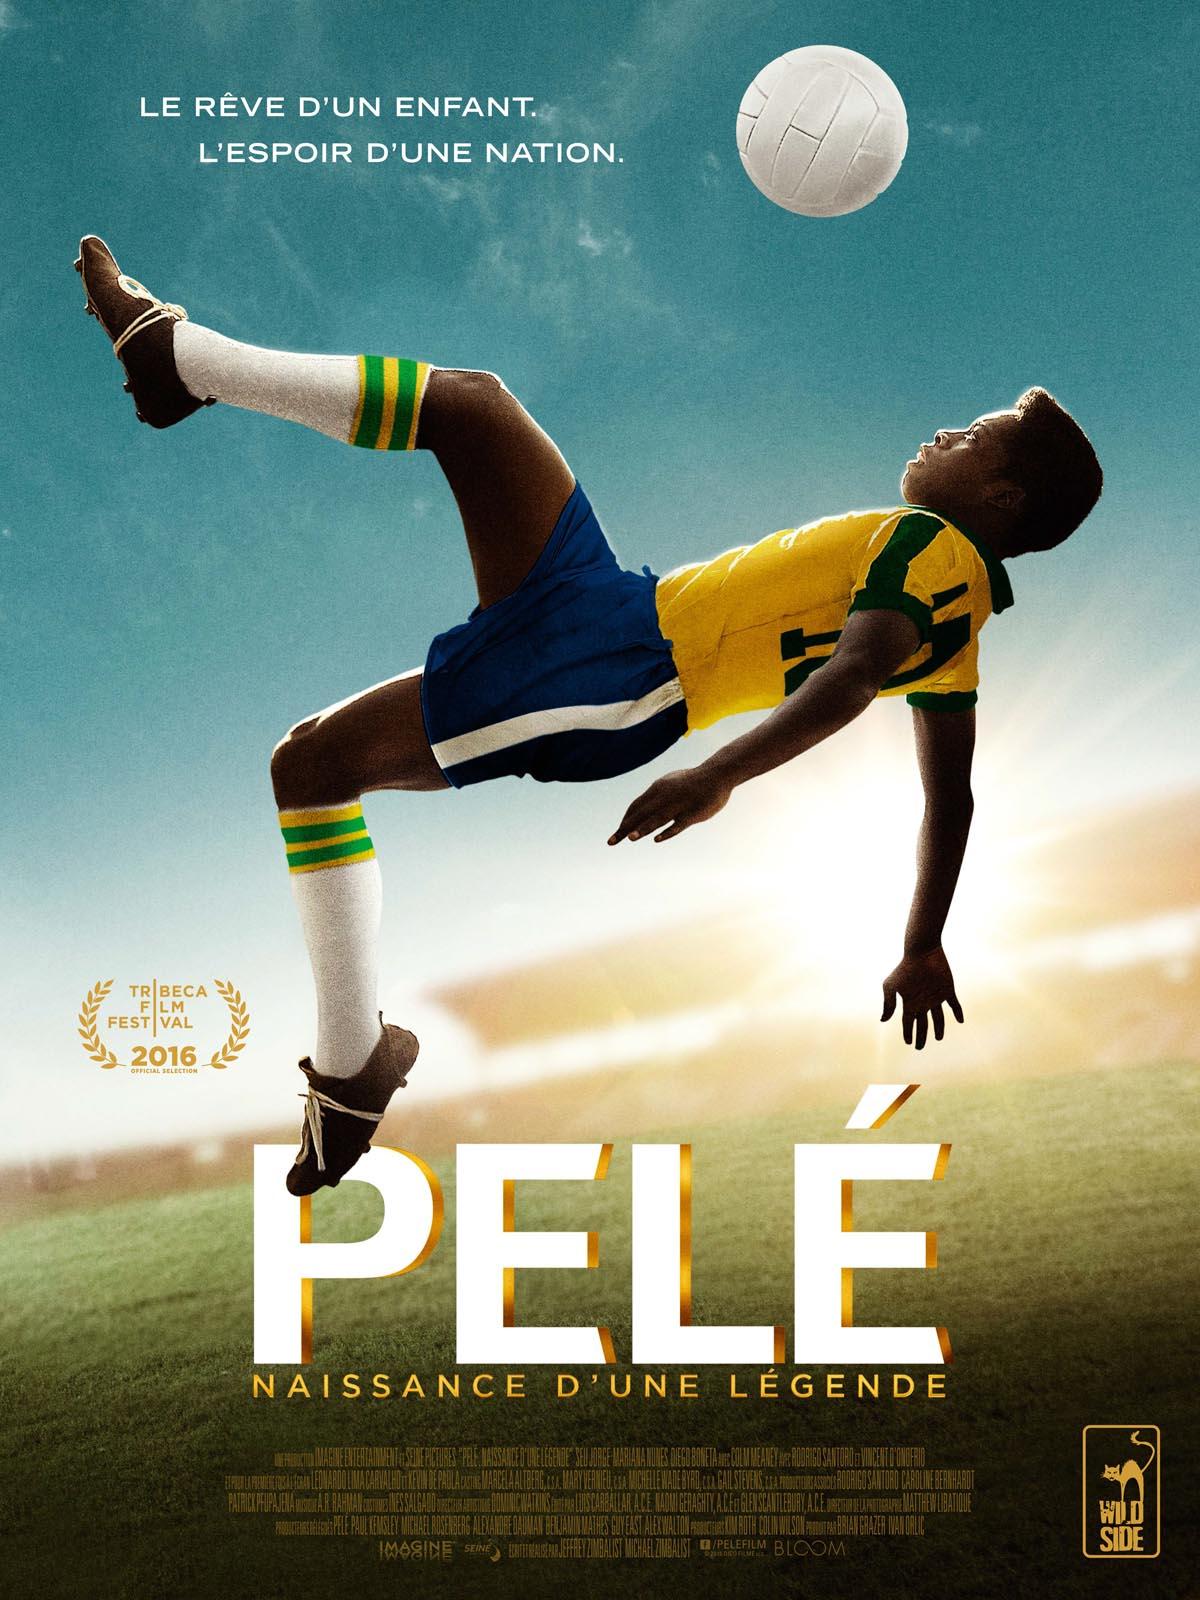 Pelé naissance d'une légende